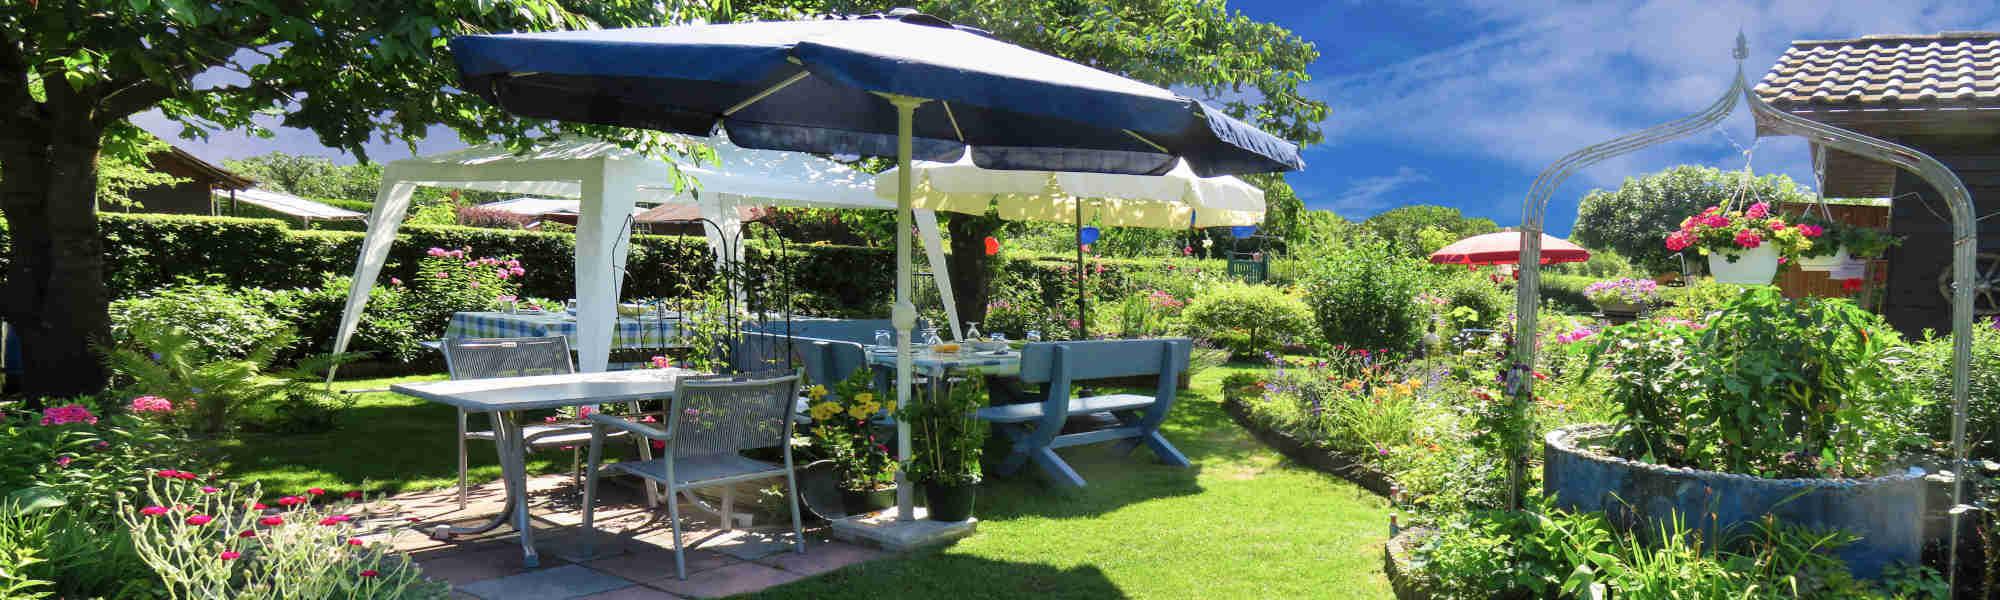 Gartenmöbel Set Sonnenschirm Festzelt